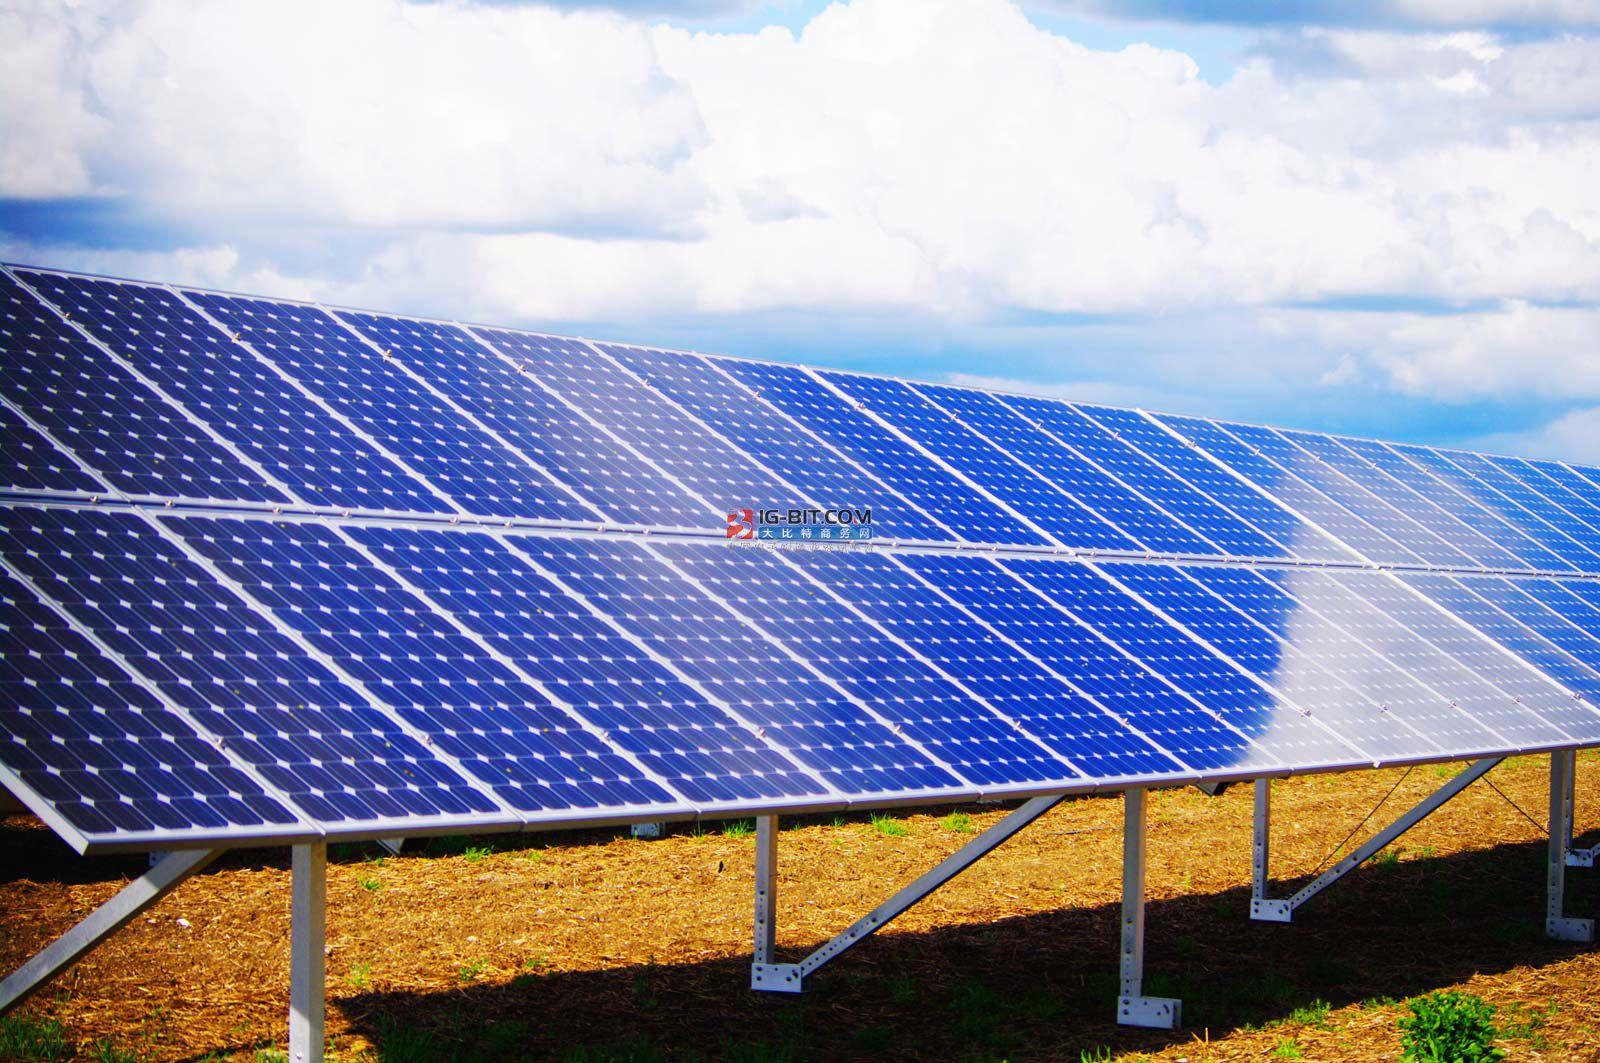 吉瓦級超級太陽能園區推動印度能源轉型